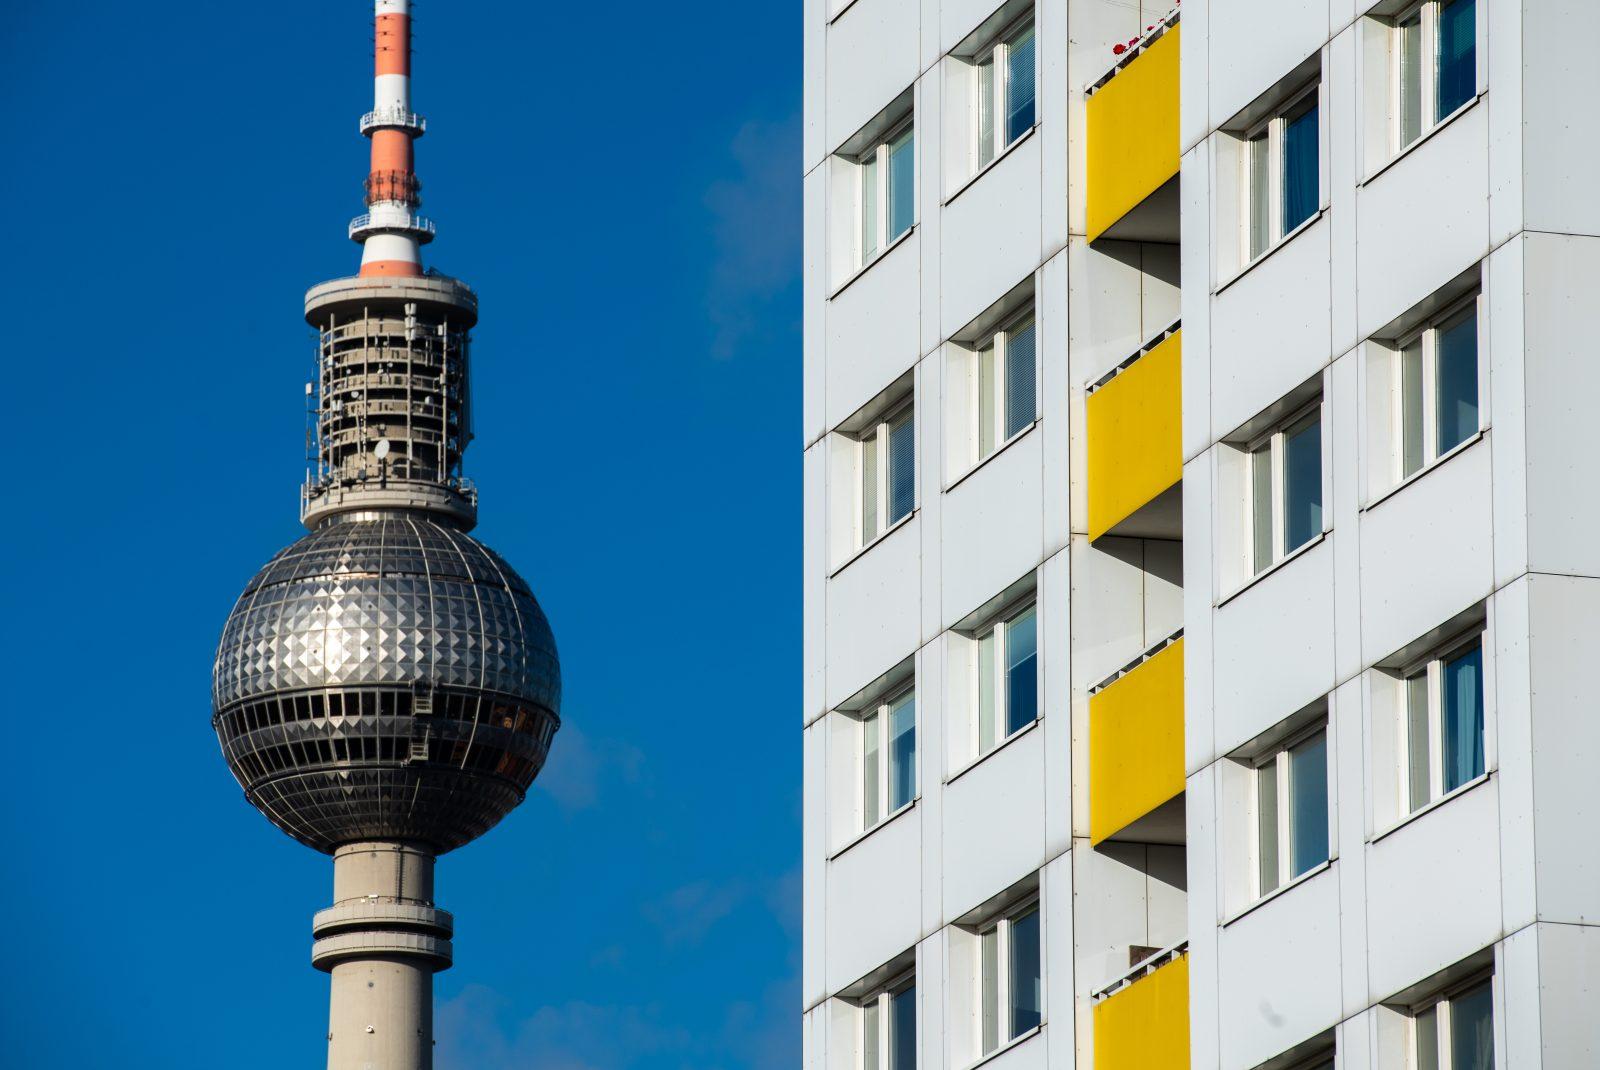 Berliner Mietendeckel: Phase 2 hat begonnen